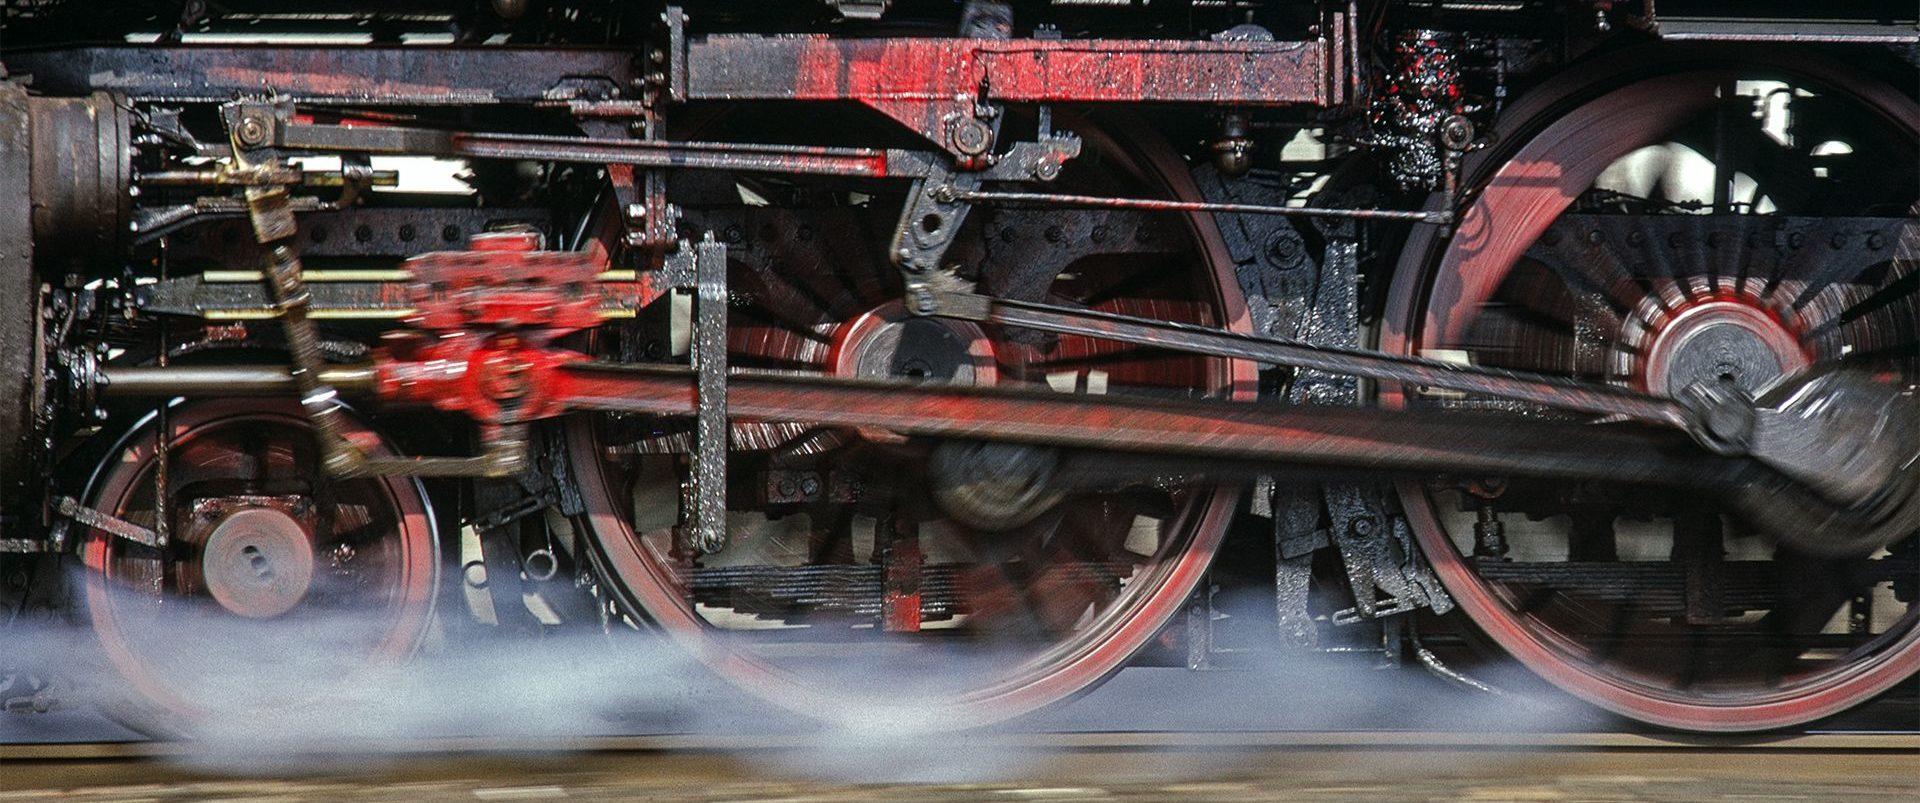 Stiftung Eisenbahn Archiv Braunschweig